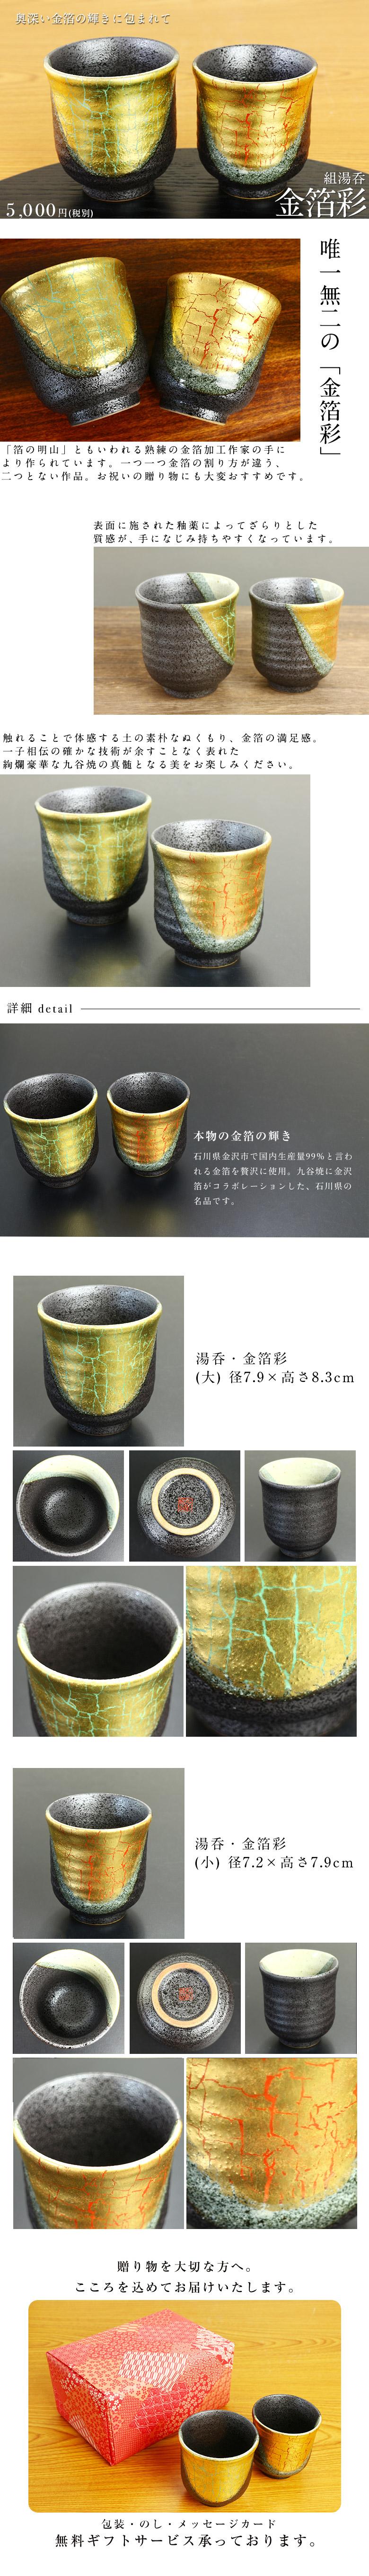 【九谷焼】組湯呑 金箔彩